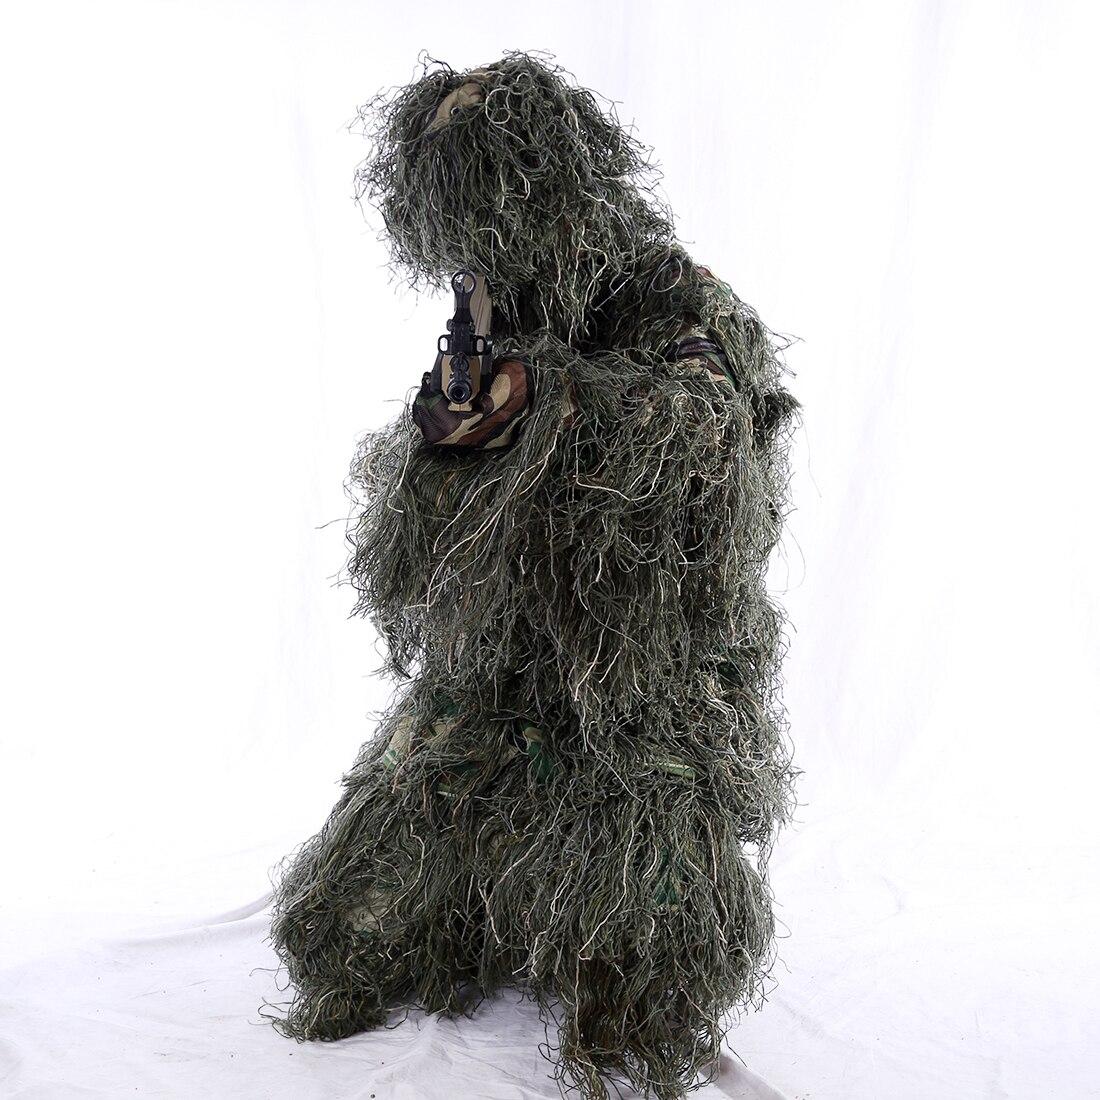 2019 vêtements de chasse costume Camouflage Ghillie costume en plein air chasse forêt vêtements pour Wargame Airsoft veste tactique et pantalon